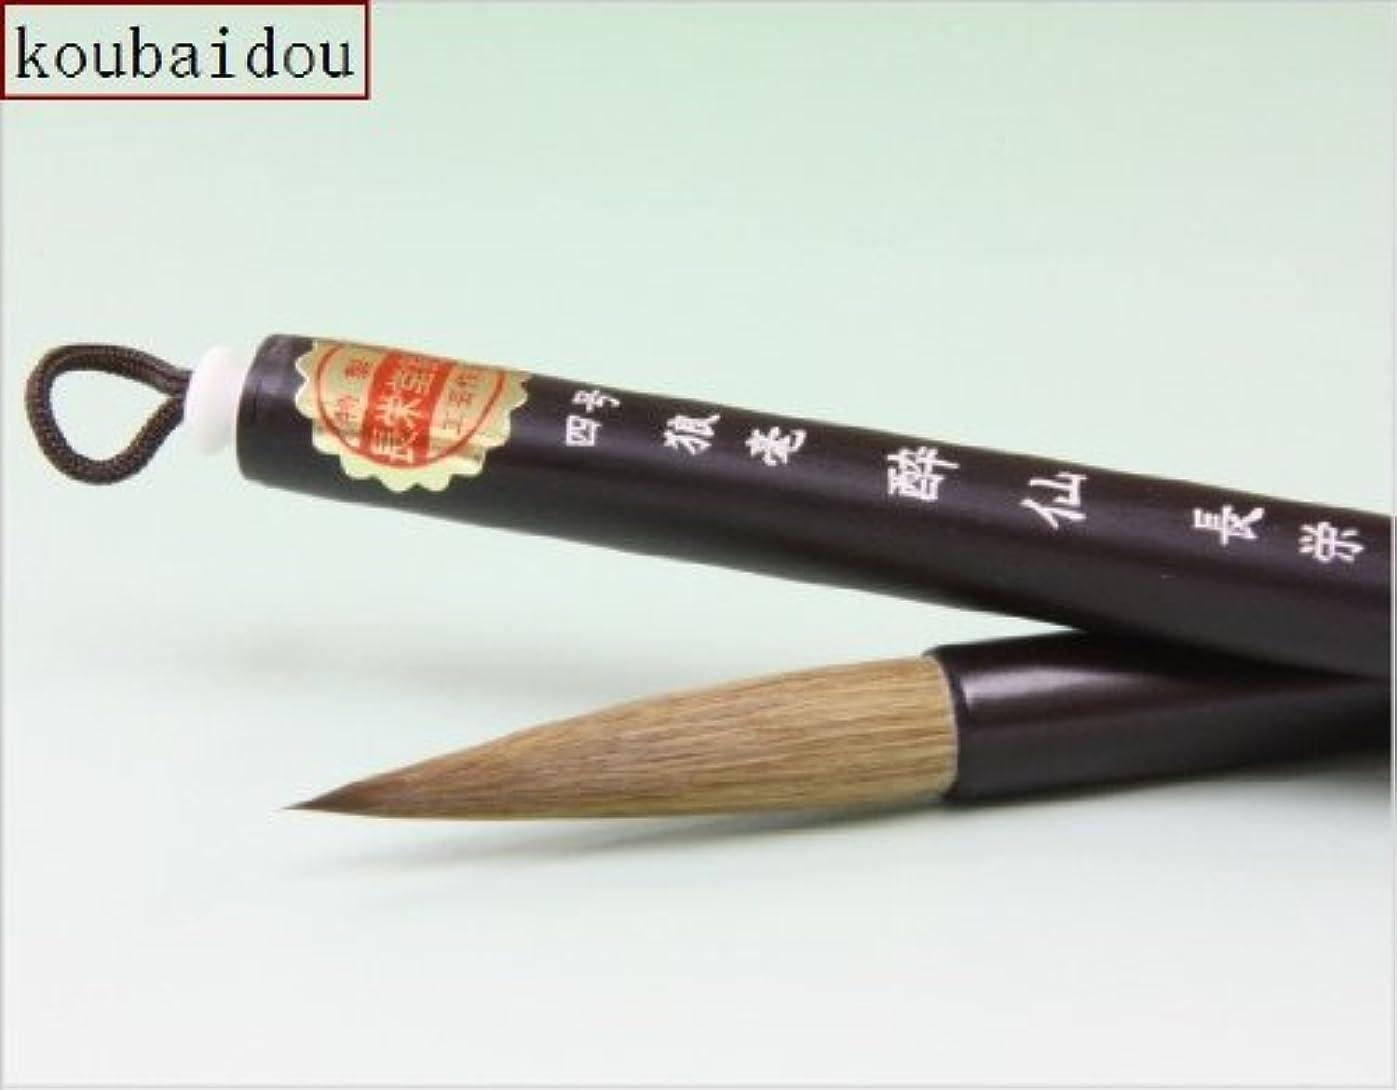 キャプション頭痛ウール長栄堂 酔仙(4号) 半紙用筆 最高級イタチ毛 16050